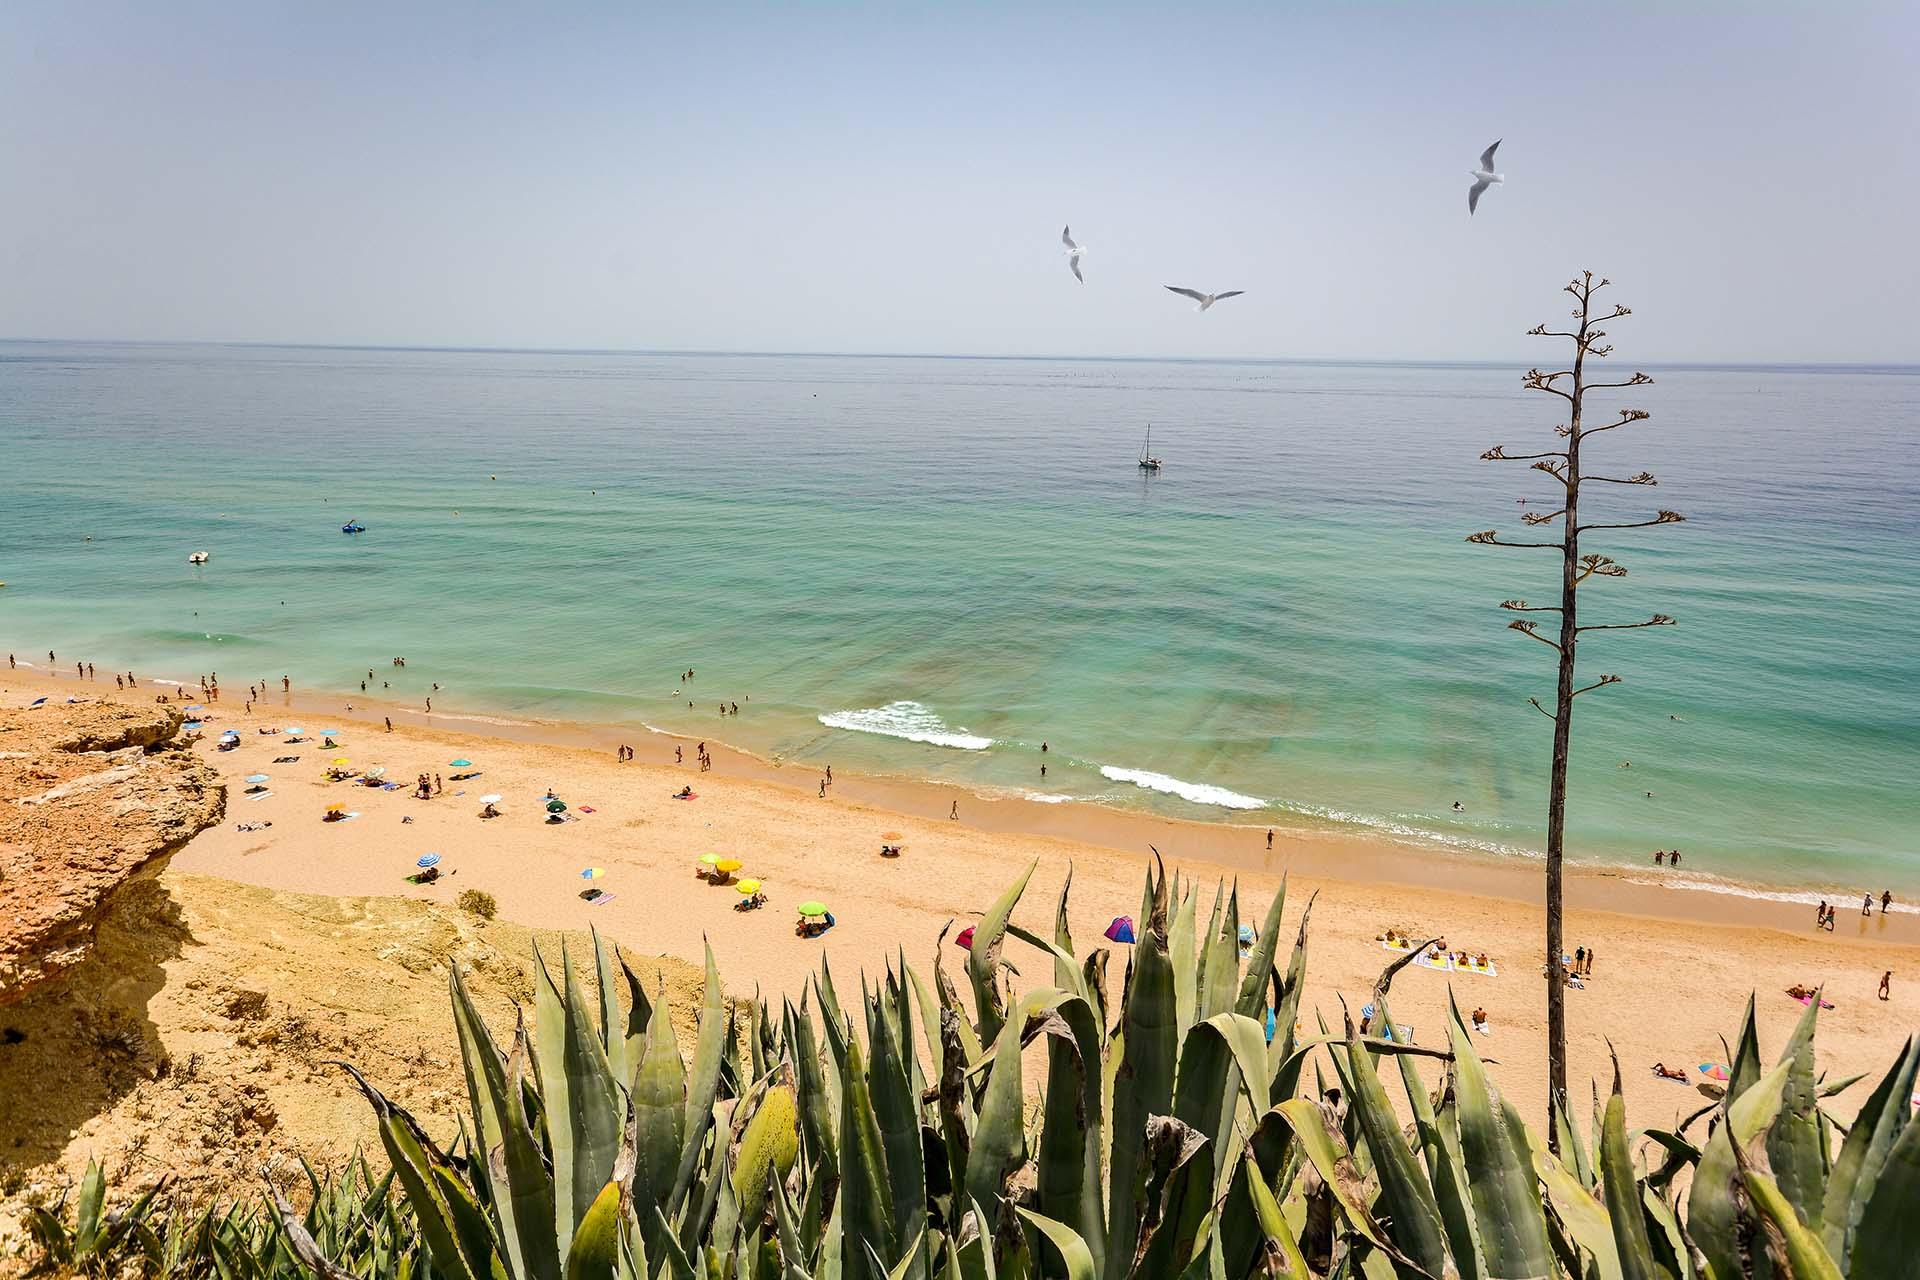 """Algarve es una de las regiones menos afectadas por el coronavirus en Europa y Lagos es una de las ciudades menos afectadas del Algarve. Con hasta 40 veces menos casos que en las regiones europeas más afectadas, el Algarve es un destino favorito para los viajeros que buscan destinos seguros. La playa más grande de Lagos es """"Meia Praia"""". Aunque """"Meia"""" significa """"Medio"""" en portugués, """"Meia Praia"""" es la playa más grande de Lagos. Una playa de 5km te esperan en Portugal, donde no se solicita cumplir con una cuarentena"""